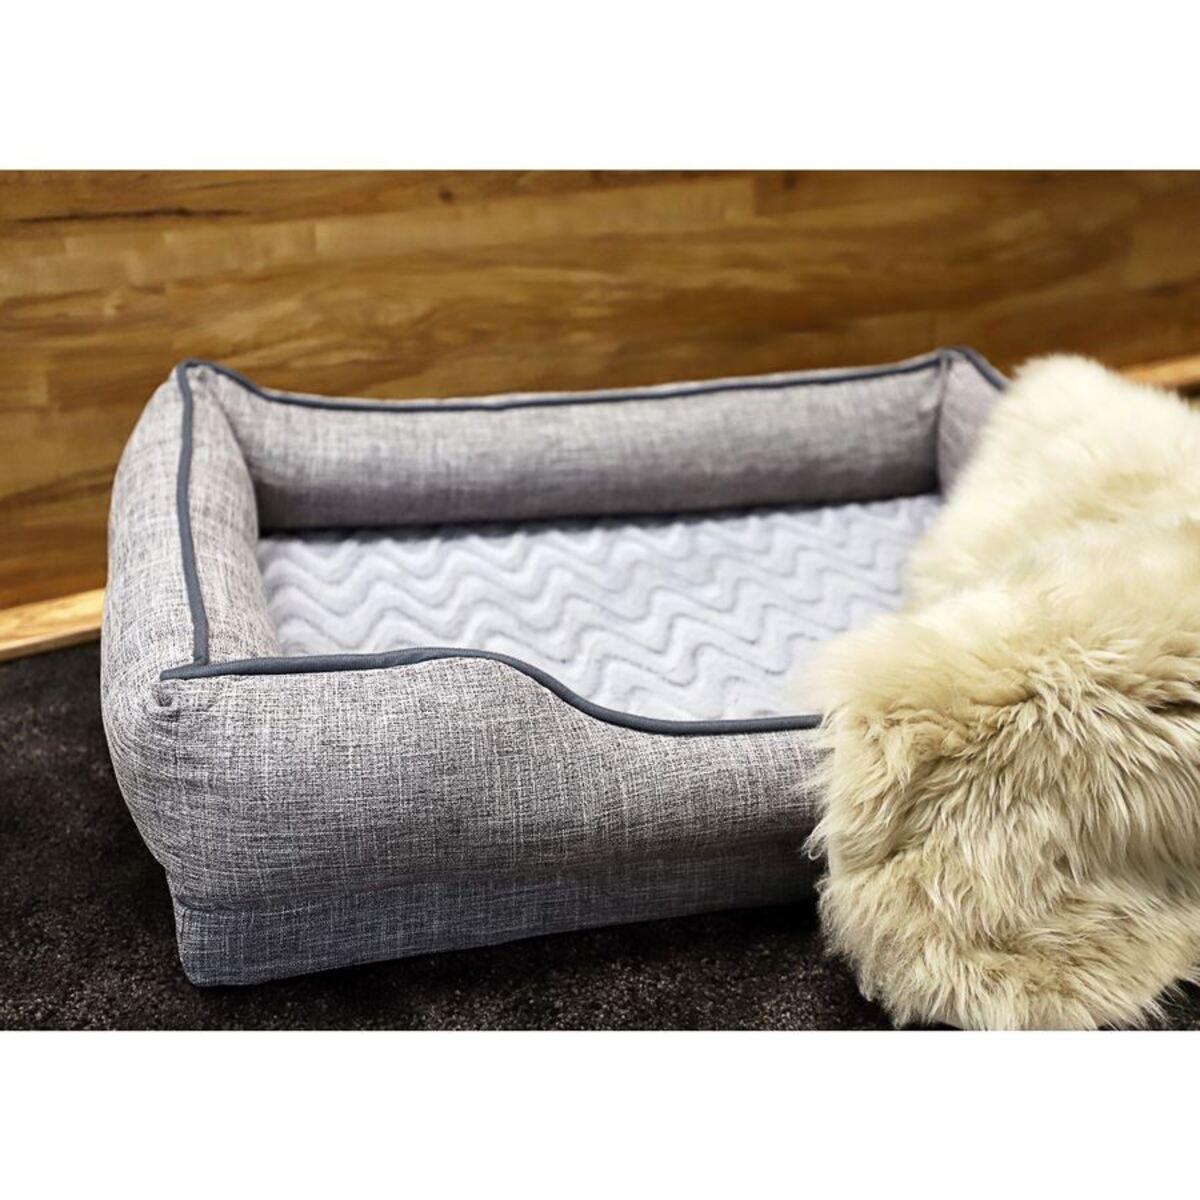 Bild 5 von Gepolstertes Hundebetten-Set 3-teilig Grau